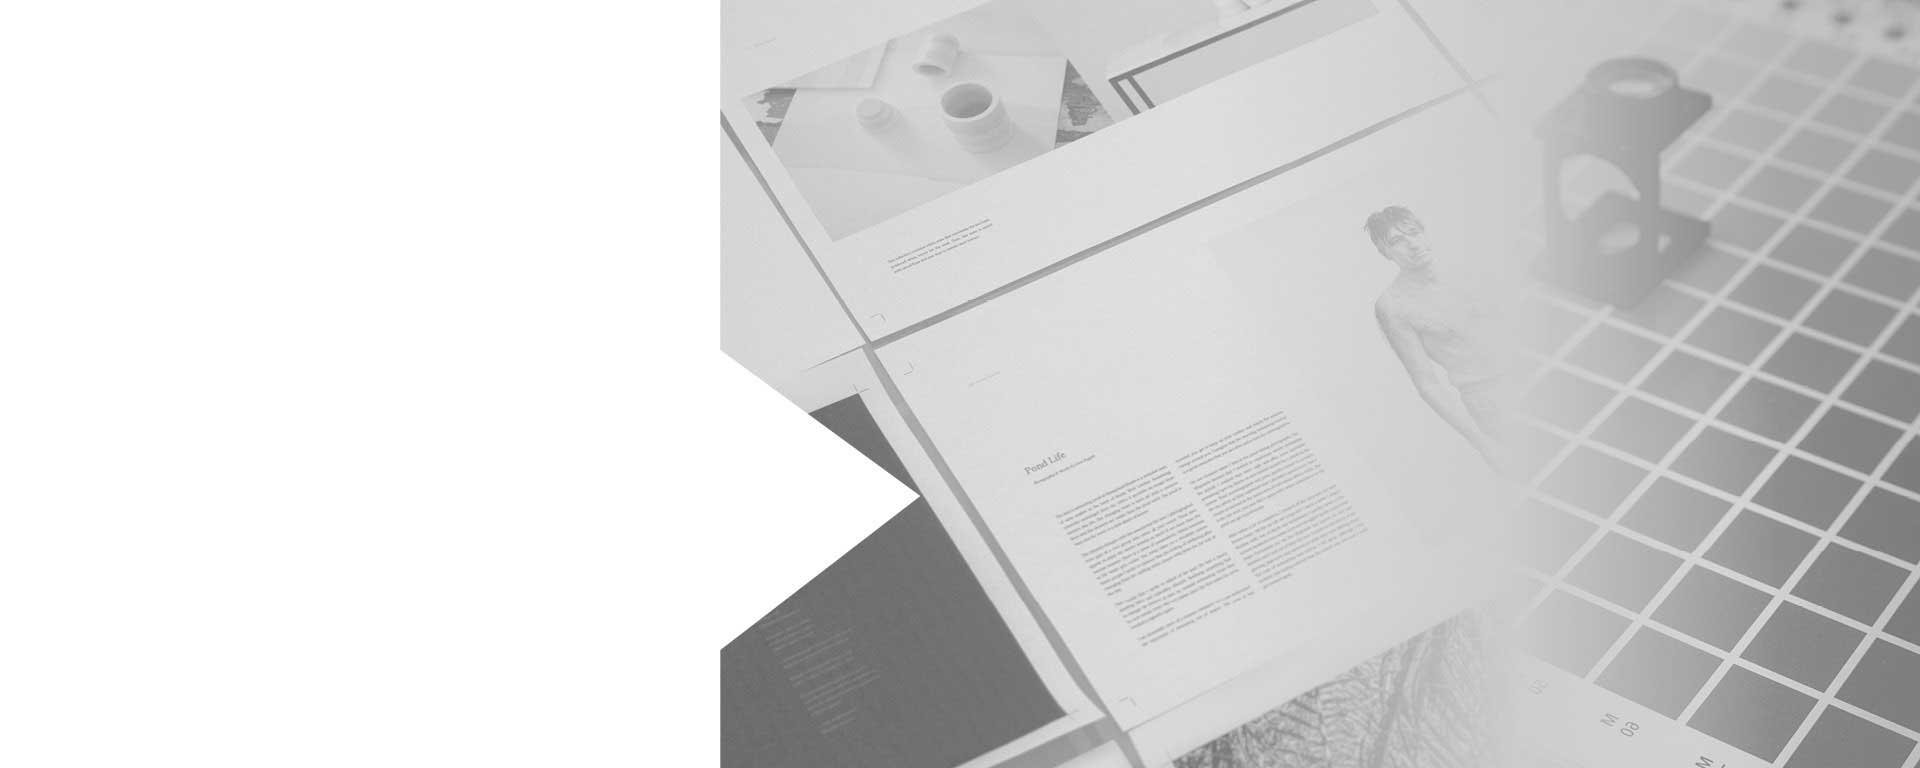 Agentur, Print, Druck, Druckerei, Layout, Design